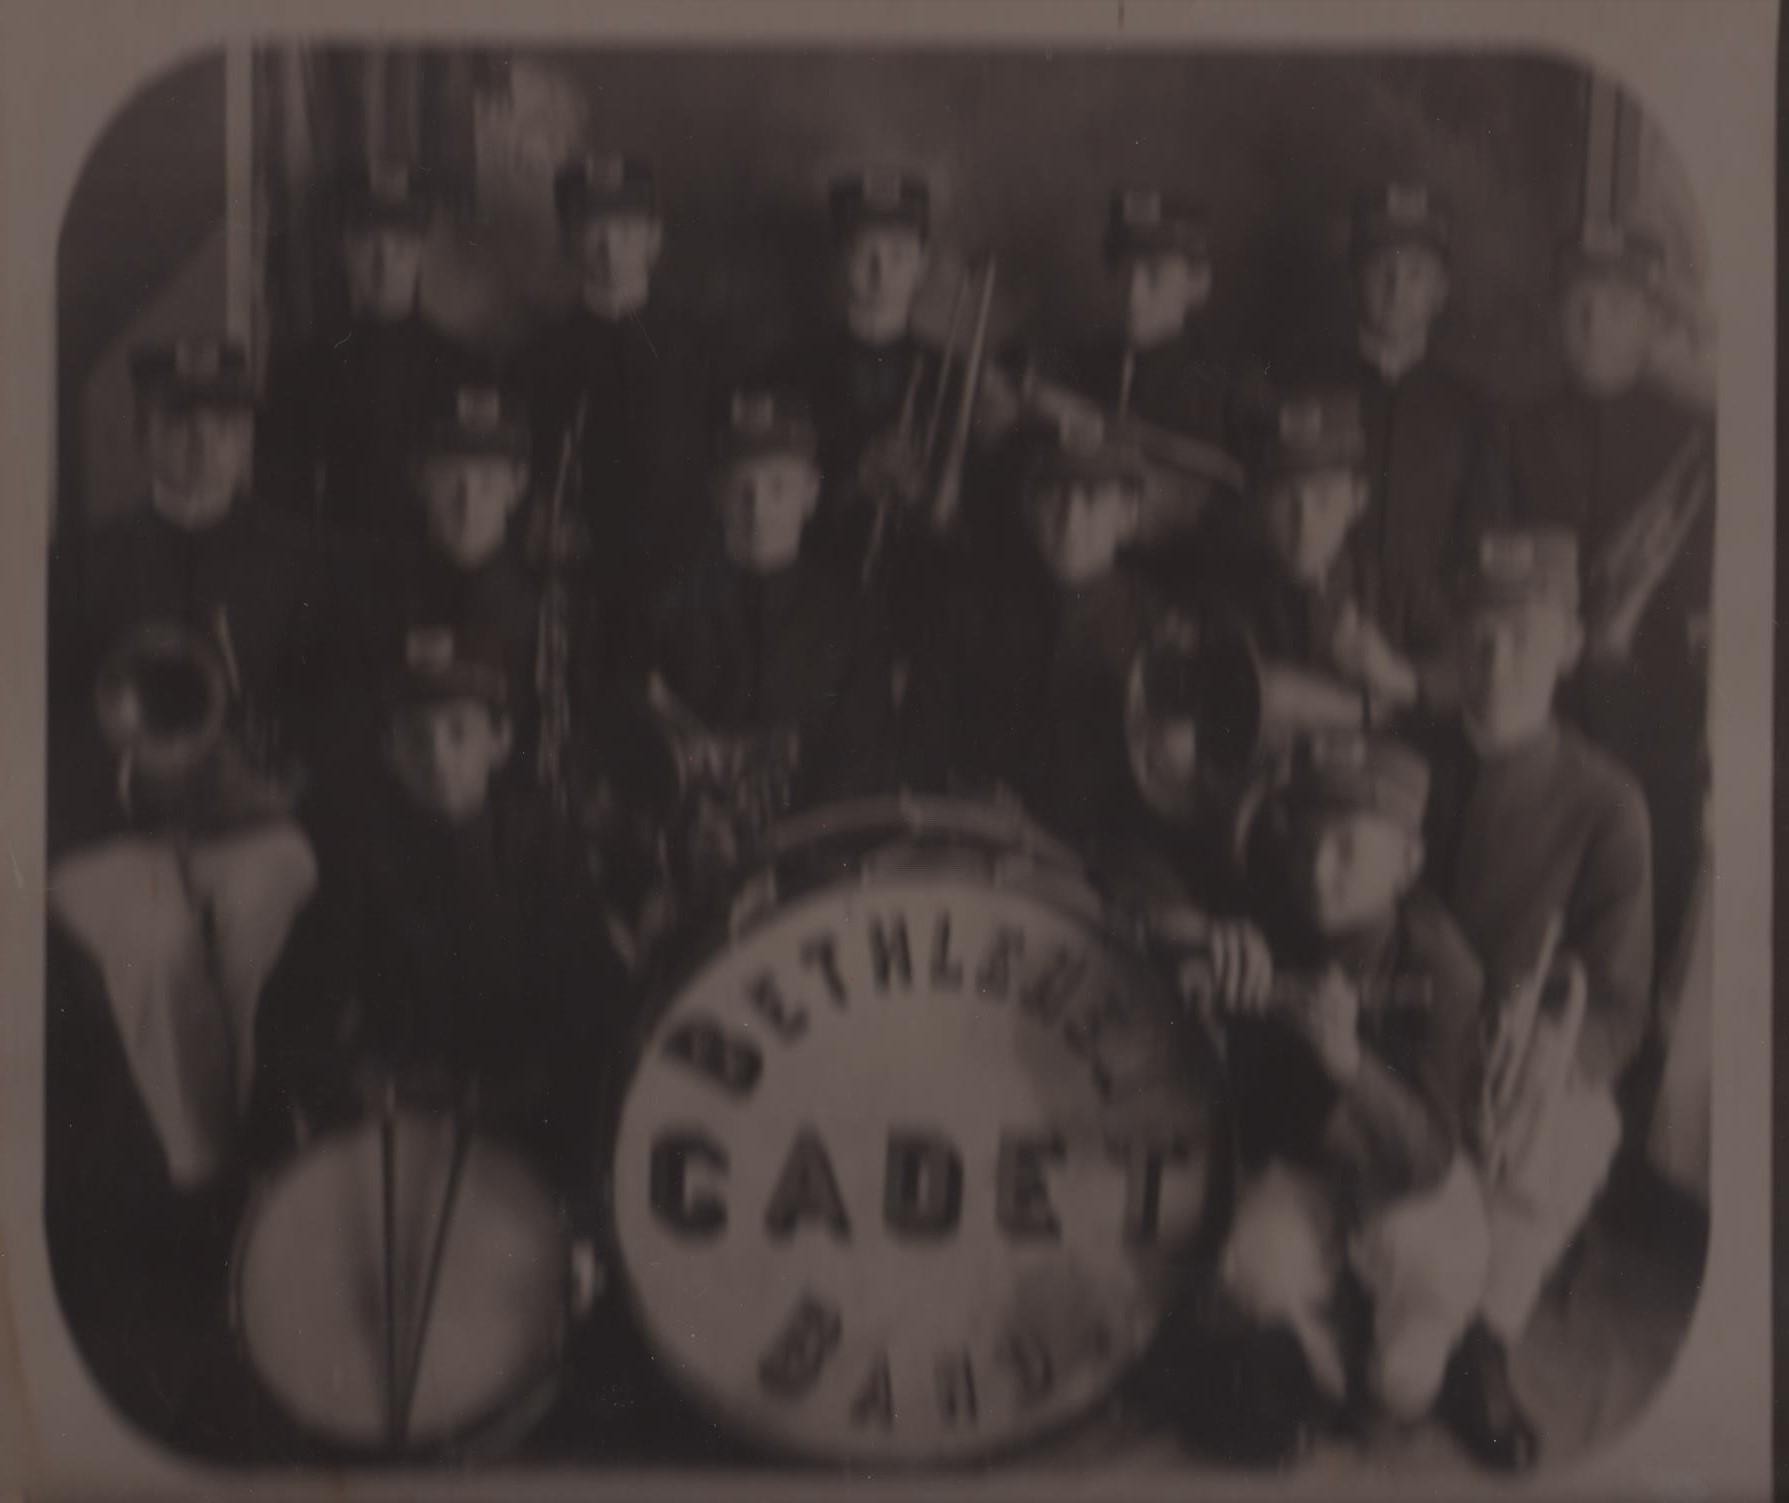 Bethlehem Cadet Band